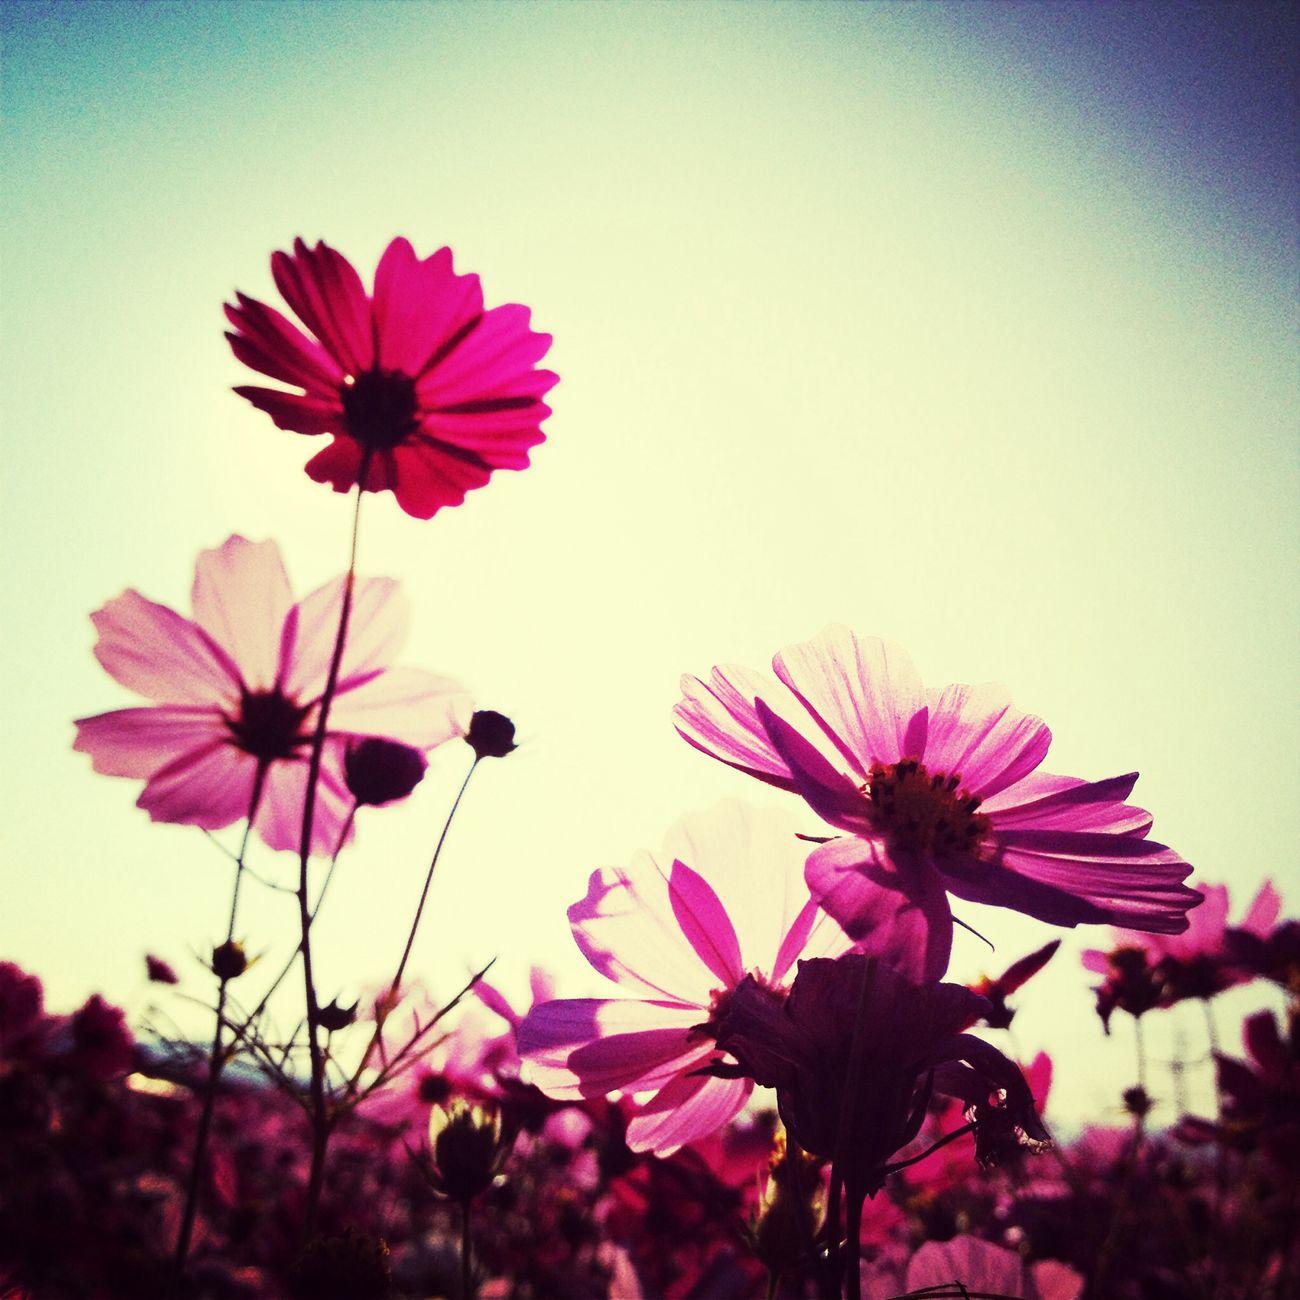 新社花海 新社花海 Flowers 花畑 コスモス